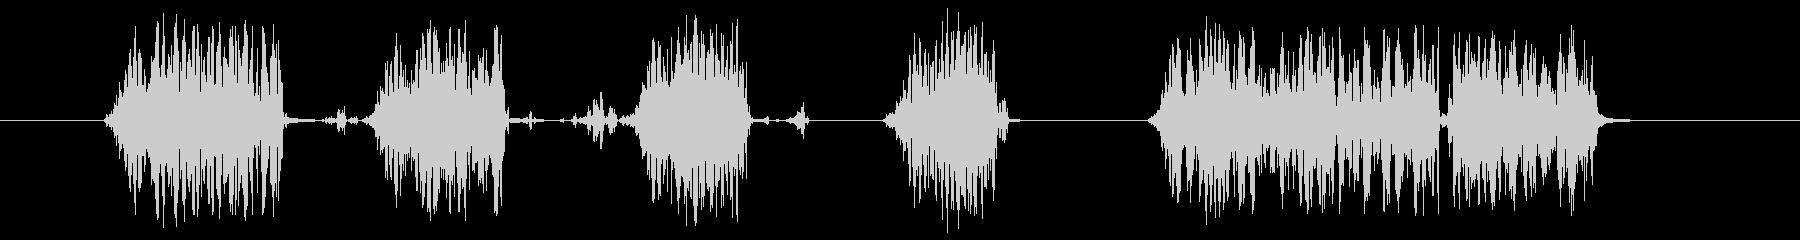 短いスタッター2の未再生の波形